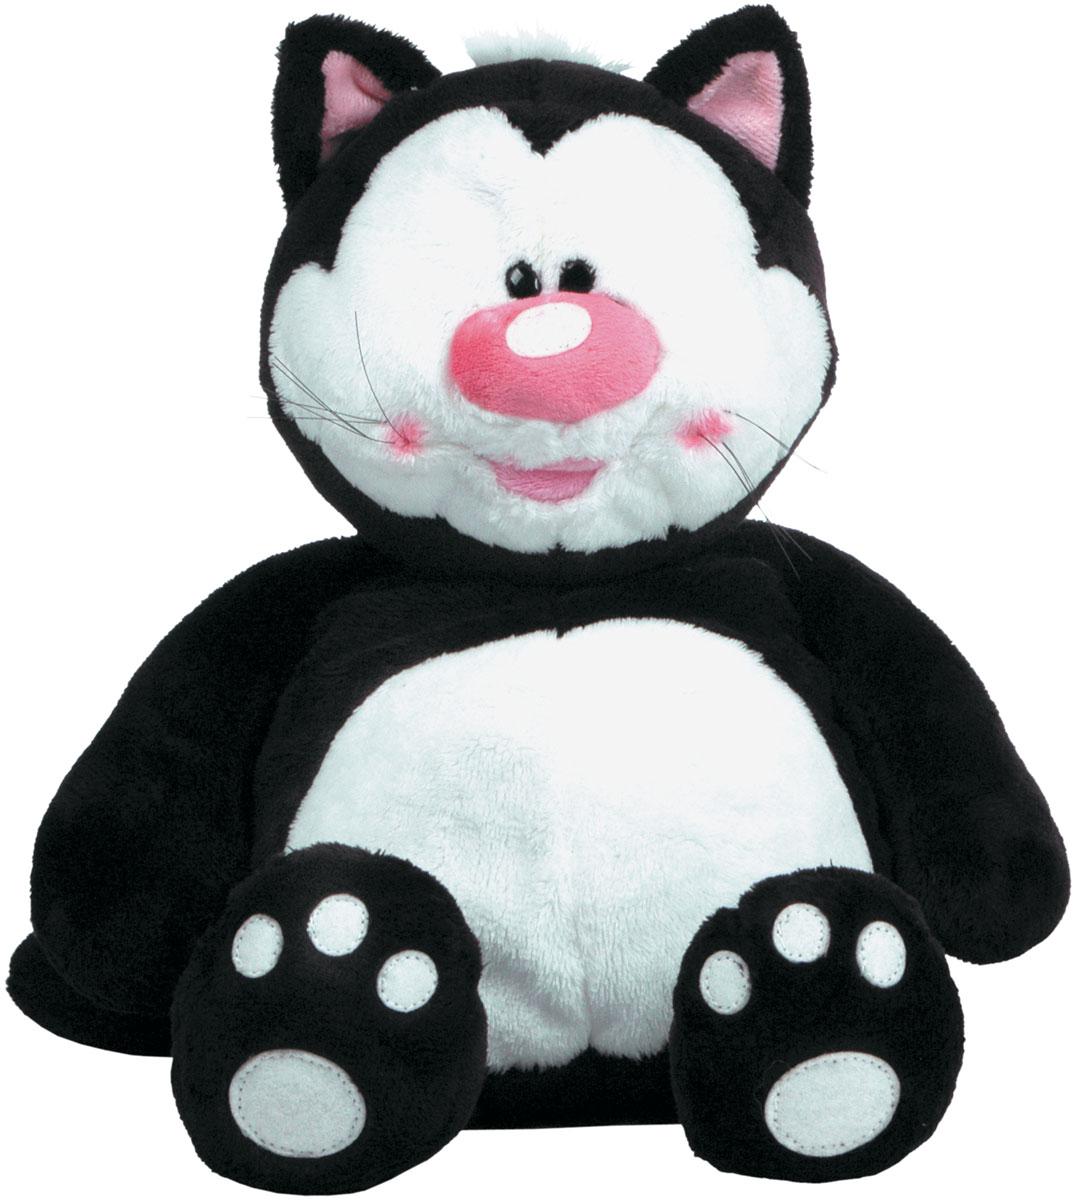 Gulliver Мягкая игрушка Кот Котя 38 см7-42810Мягкая игрушка Gulliver Кот Котя - очаровательный и забавный, которого так и хочется взять на руки и погладить. Он обязательно станет верным другом в первых играх малыша и прекрасным украшением его комнаты. Котенок вызывет у окружающих искренние улыбки и позитивные эмоции, чем положительно влияет на детскую психику. Играя с плюшевым Котей, малыш развивает свое воображение, память и логику. Пластиковые гранулы, используемые при набивке игрушки, способствуют развитию мелкой моторики рук ребенка. А контрастная расцветка игрушки хорошо влияет на зрение ребенка.